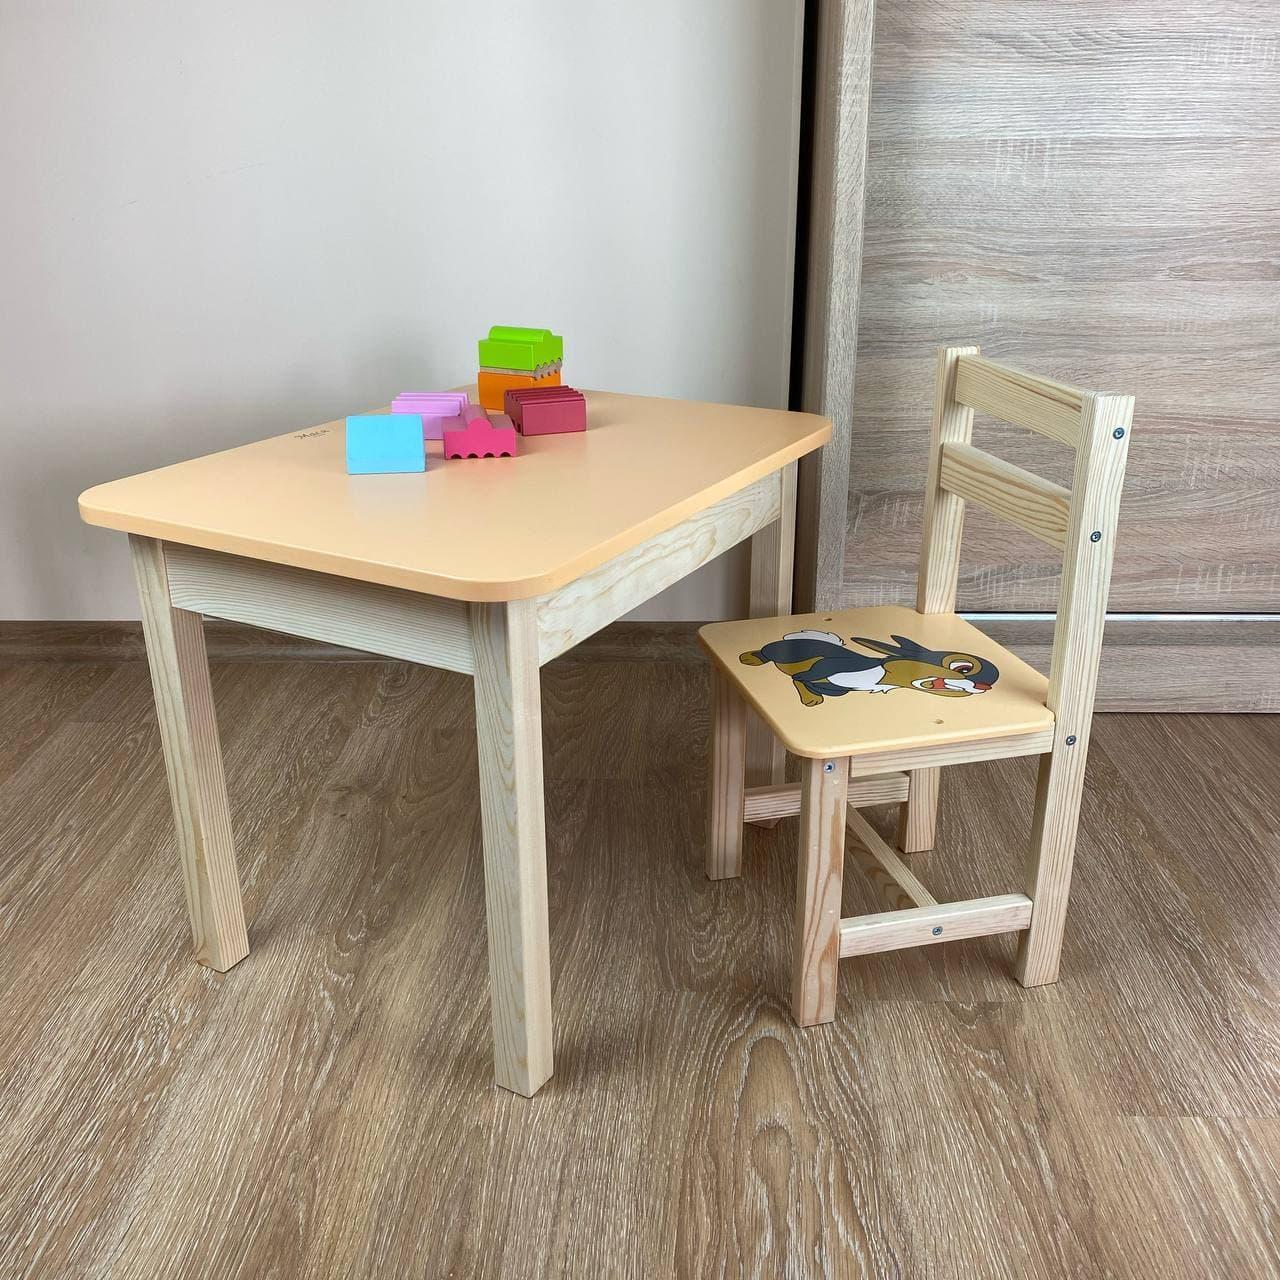 Дитячий стіл з ящиком і стільчик. Для навчання,малювання,гри